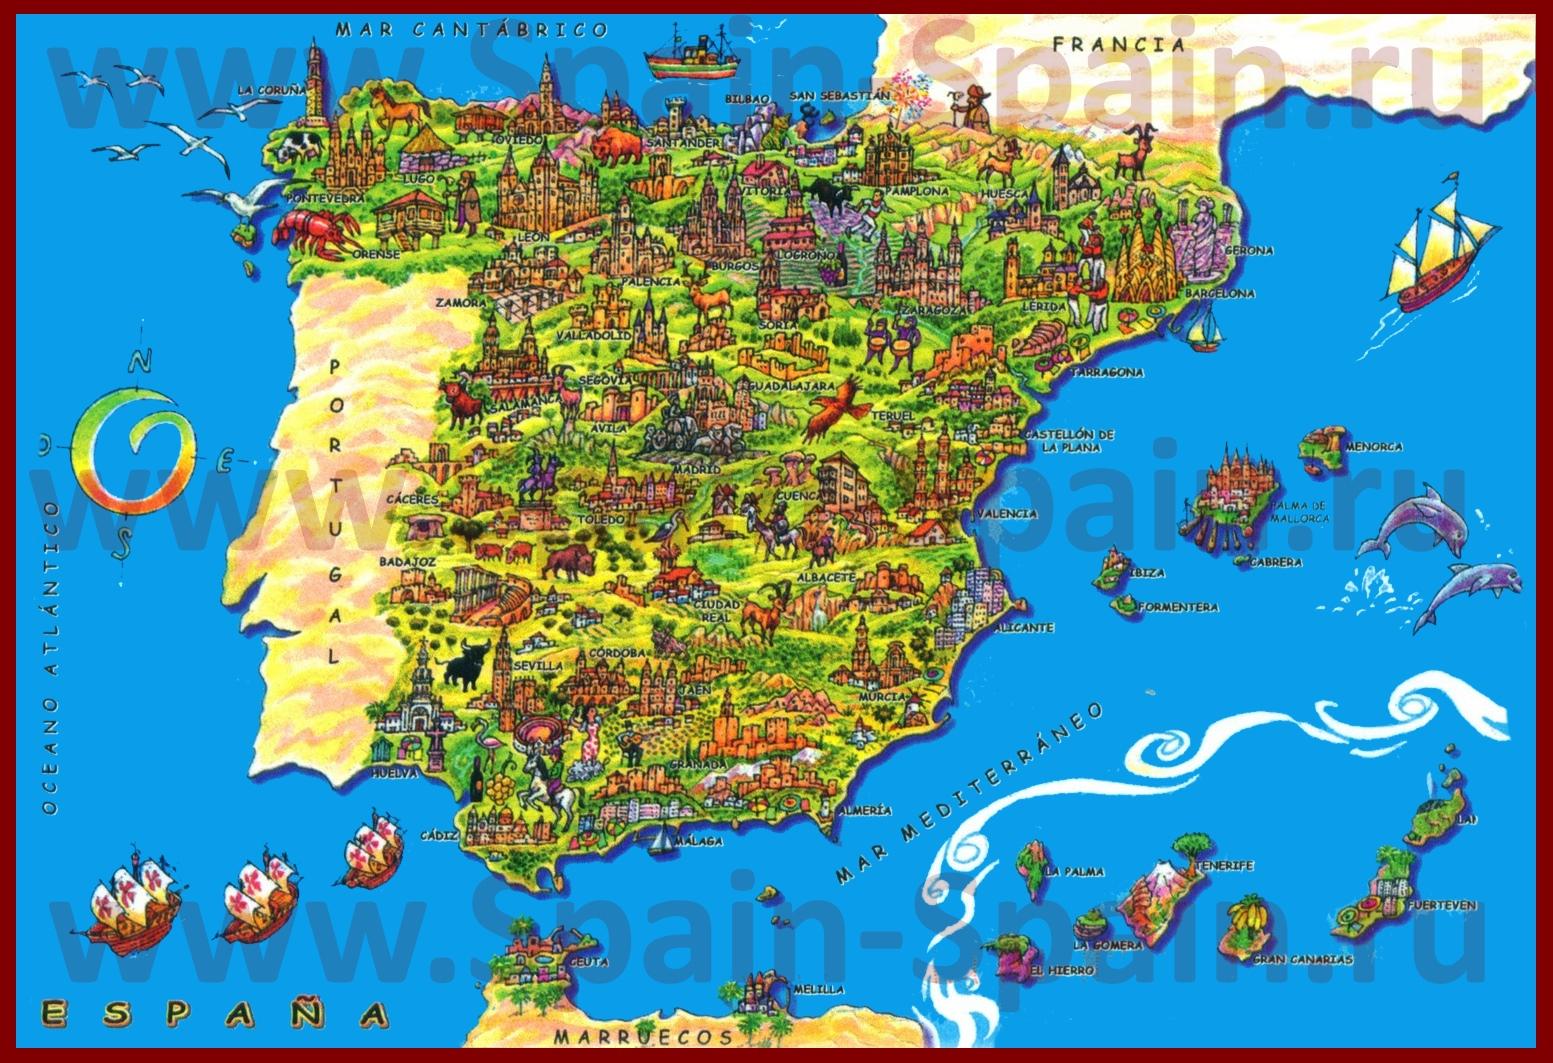 Подробная Карта Валенсии - galvanicworld Валенсия Испания Карта